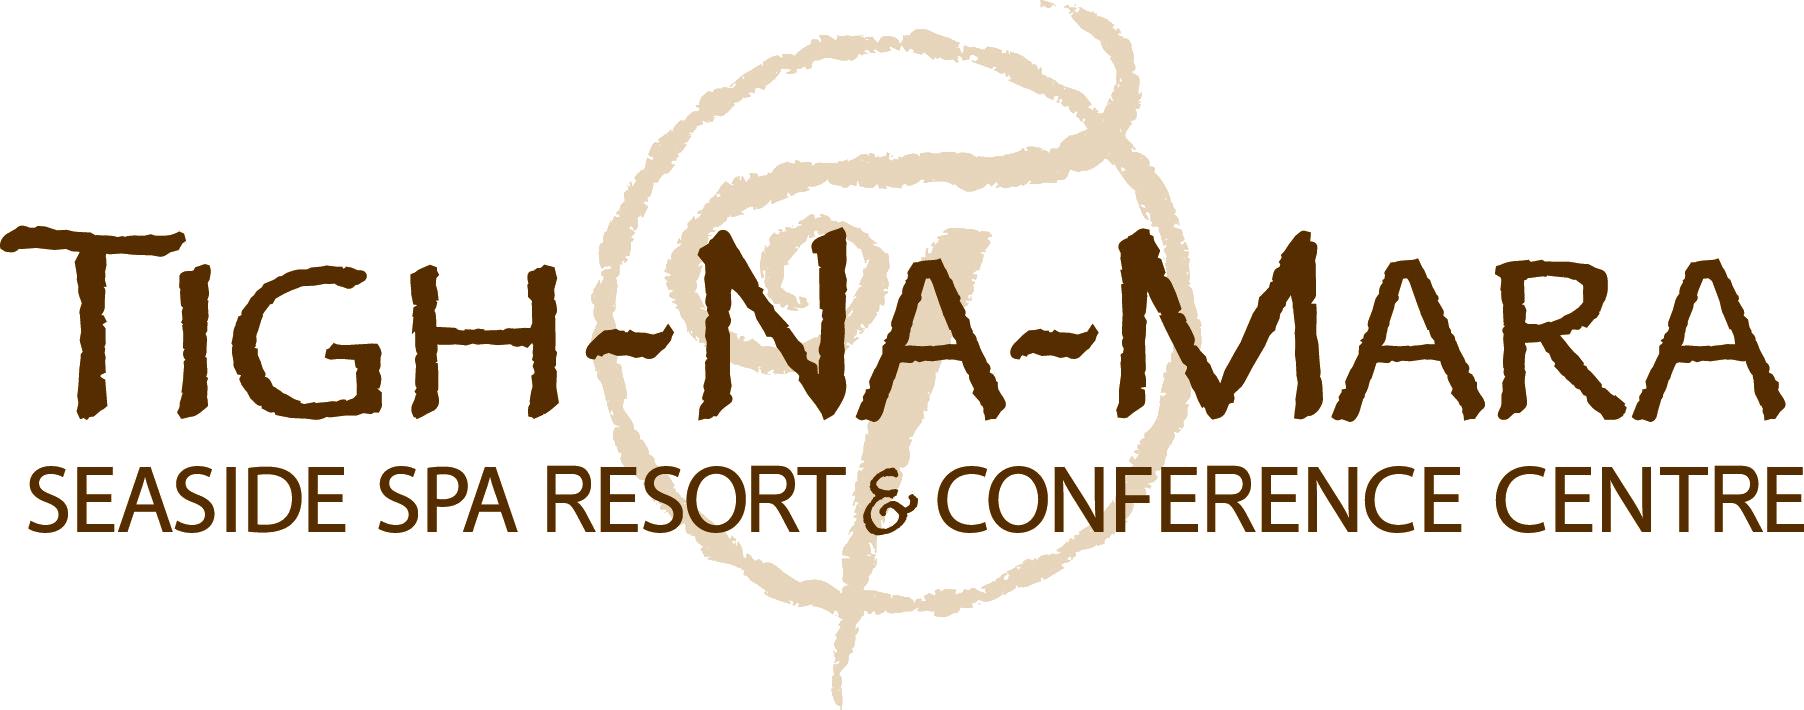 Hosted at Tigh-Na-Mara Seaside Spa Resort